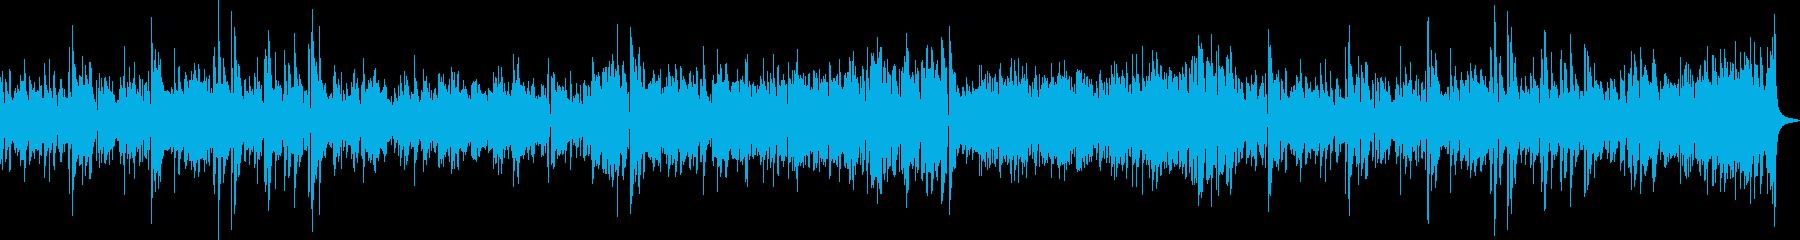 ポップなピアノジャズトリオの再生済みの波形